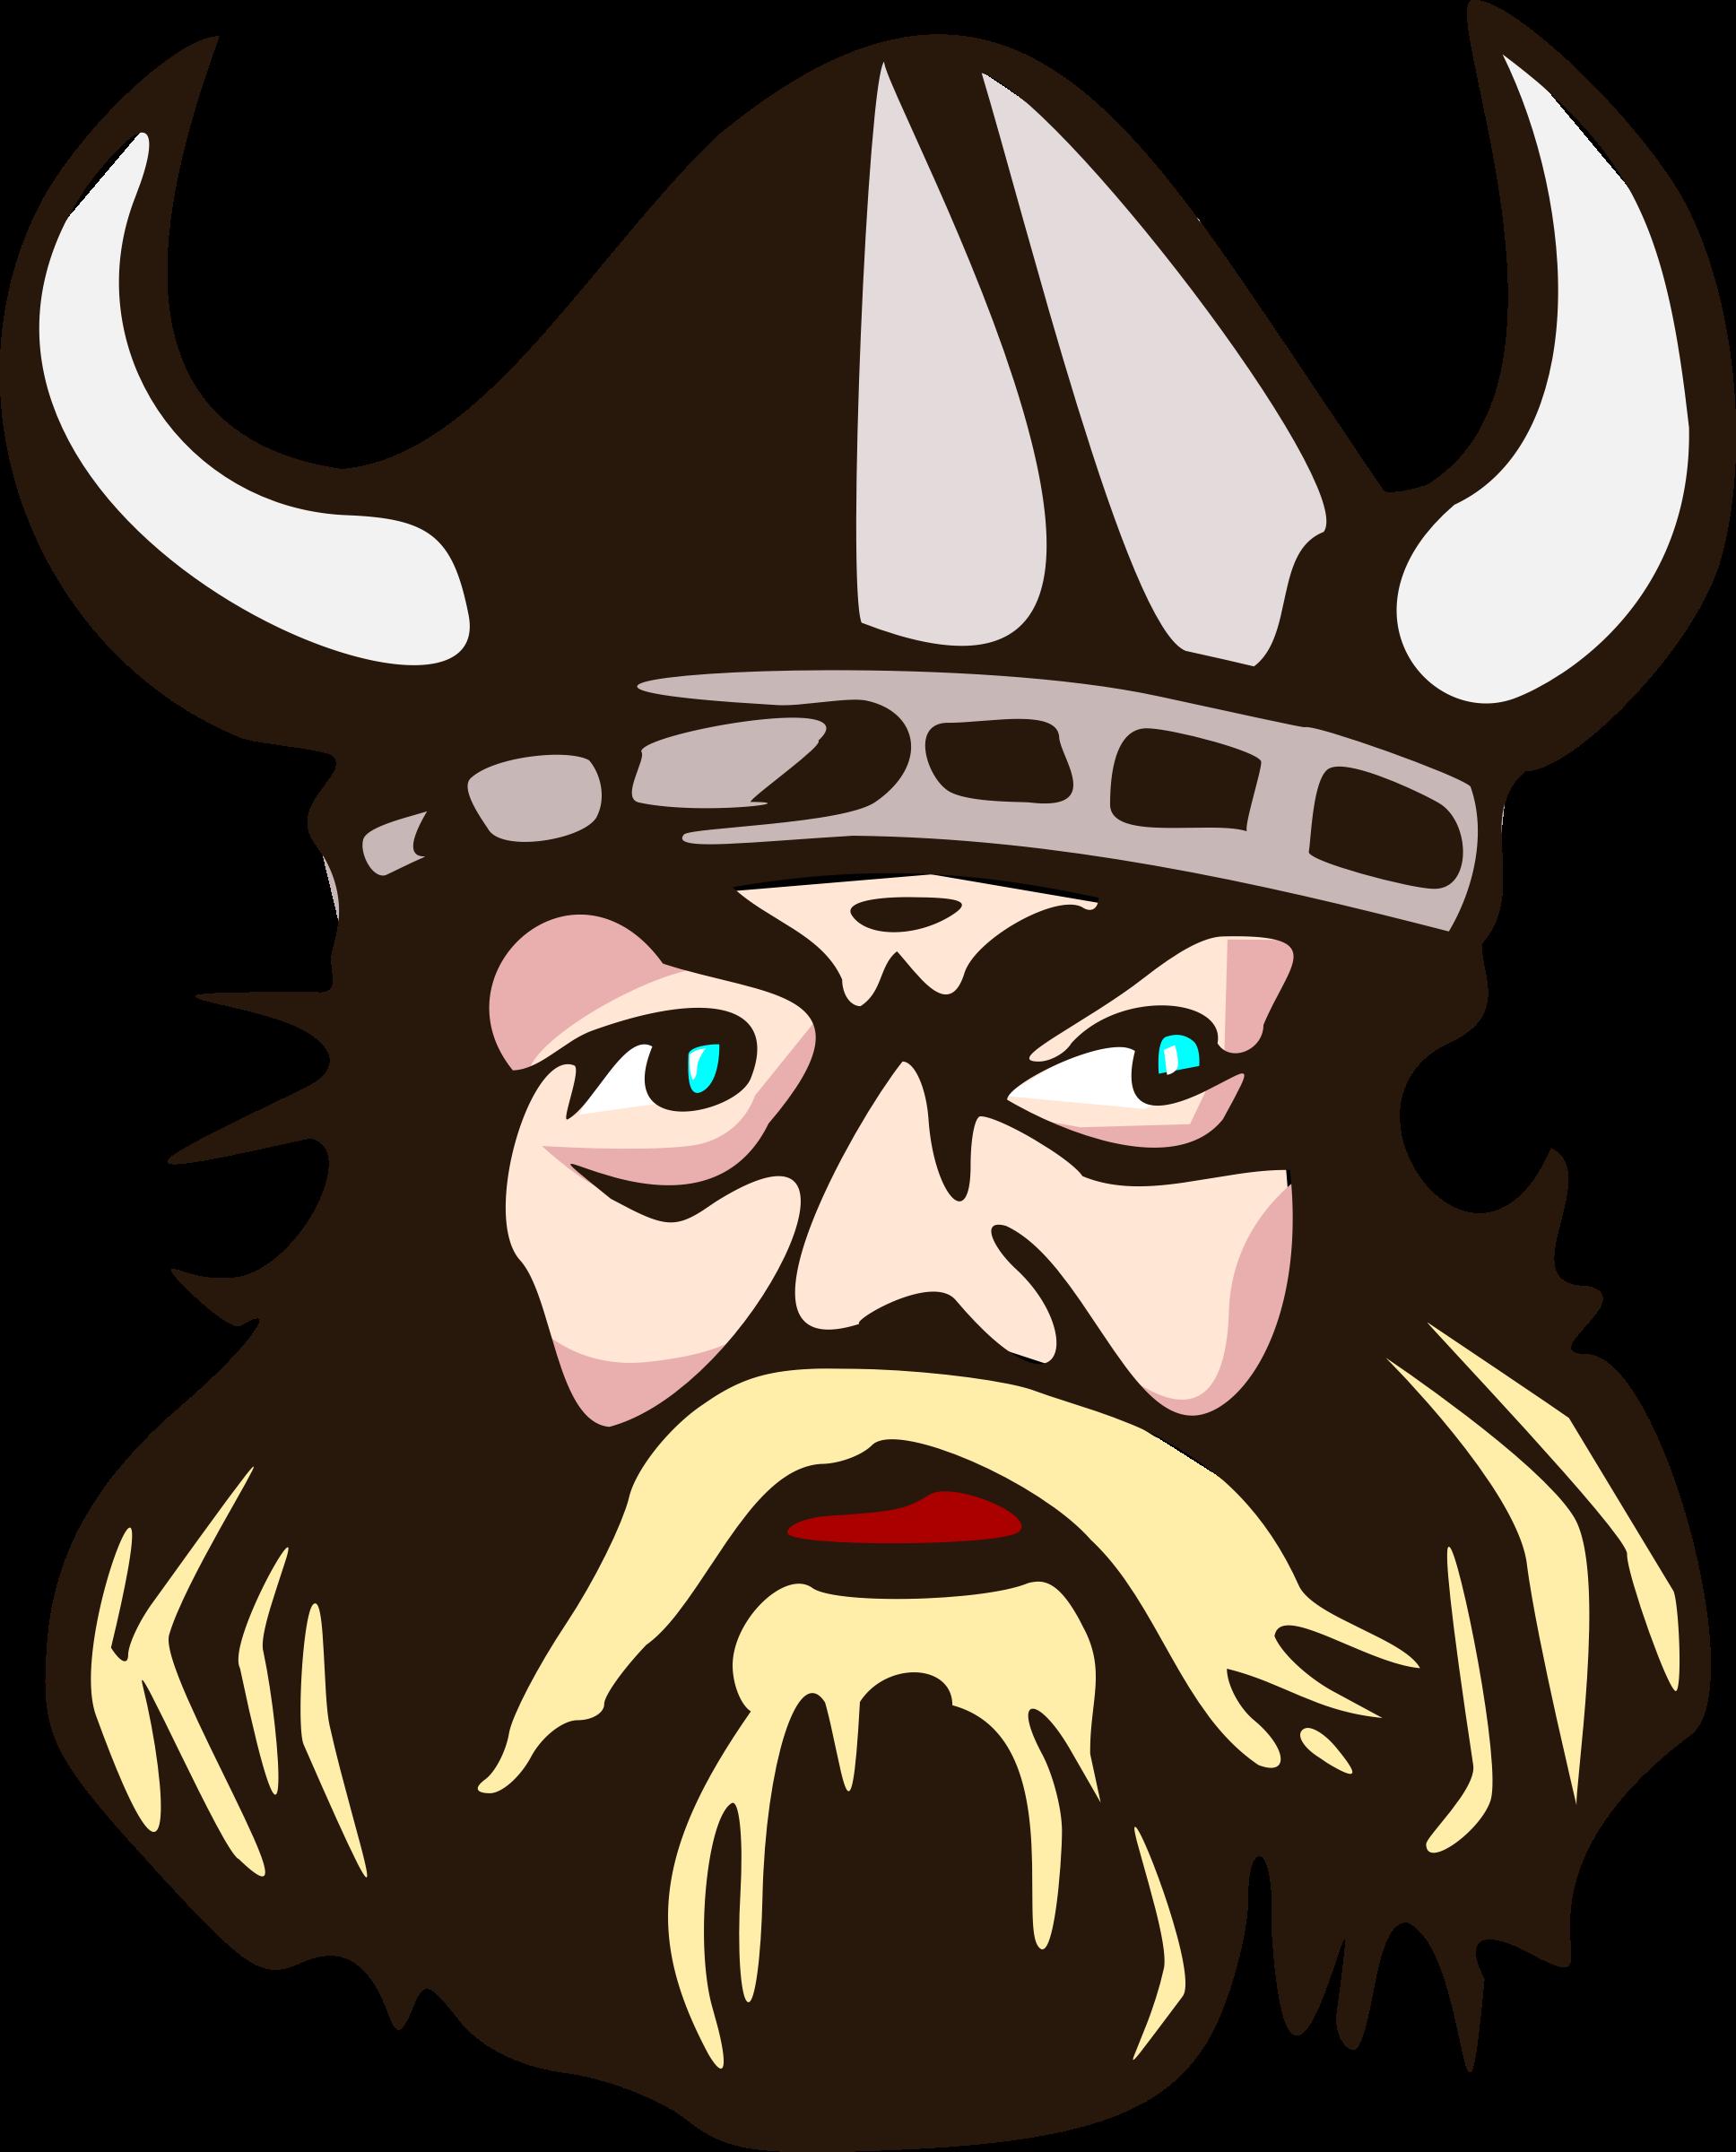 Horns clipart vikings #12